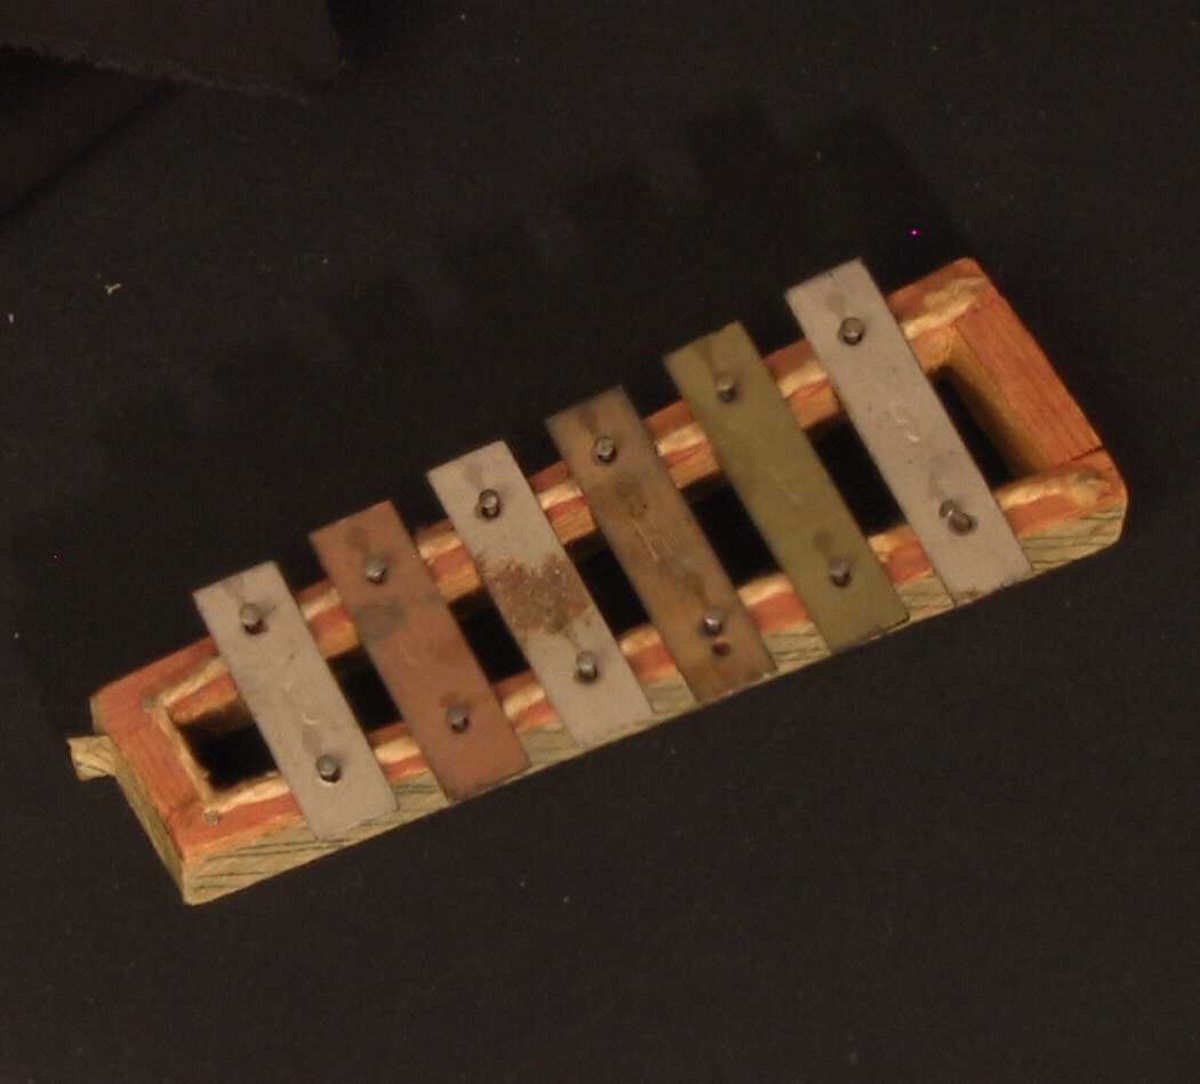 Xylofon, leketøy. Ramme av tre, avsmalnende.   Papir klistra langs kanten.   Metallstykker,  malt av ulik lengde, med trykte bokstaver for tonene, 6 (F mangler)  Under metallstykkene ligger tråd av bomull. Stempla   Tore Barth.  Tilstand mars 1982: Rel. bra.